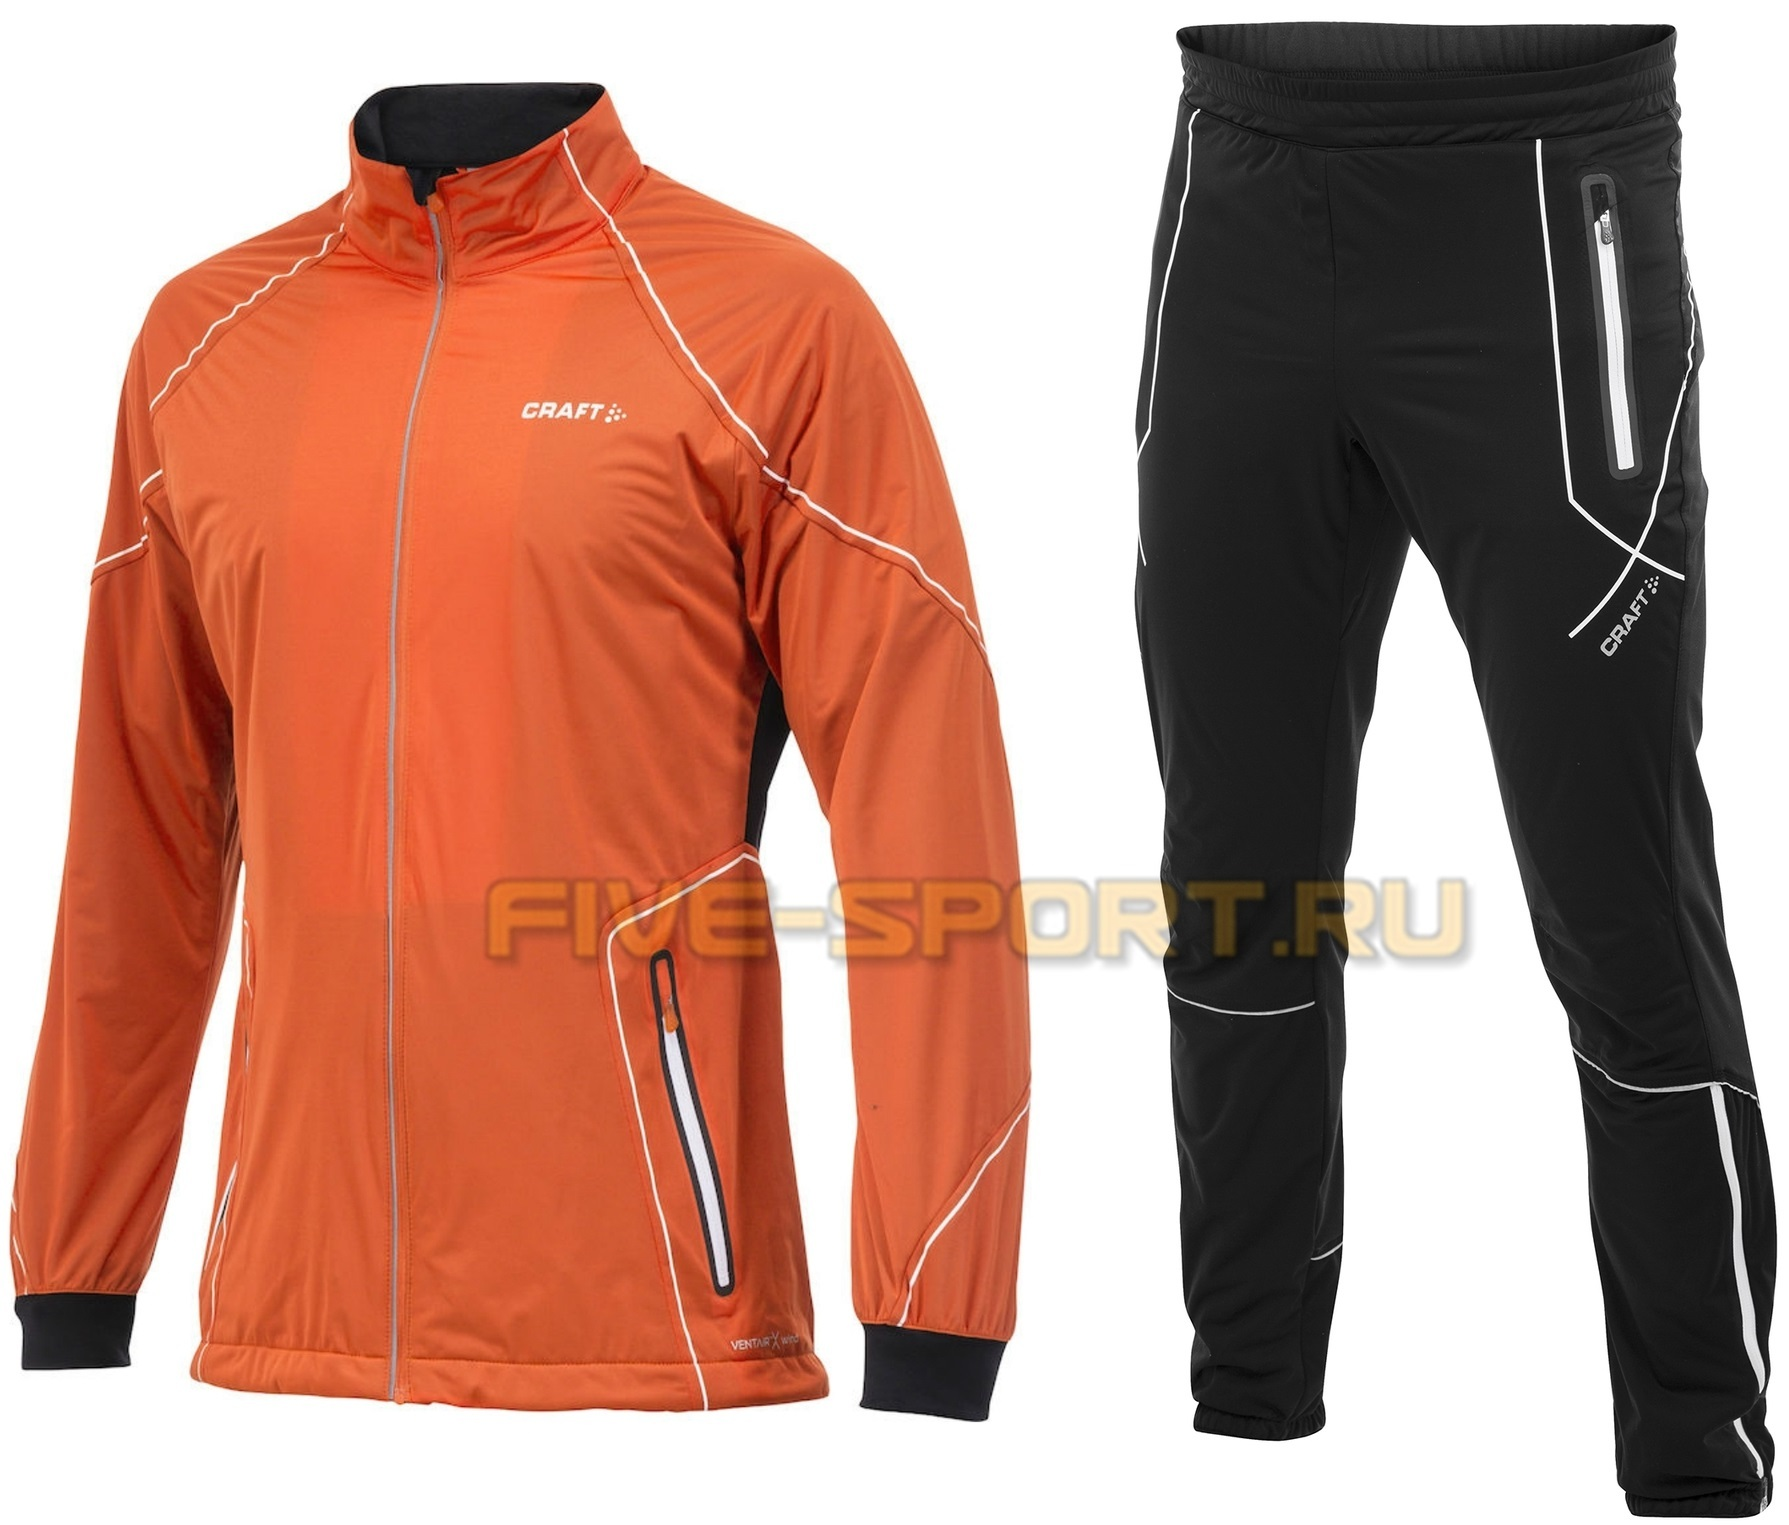 Лыжный костюм Craft High Function оранжевый мужской